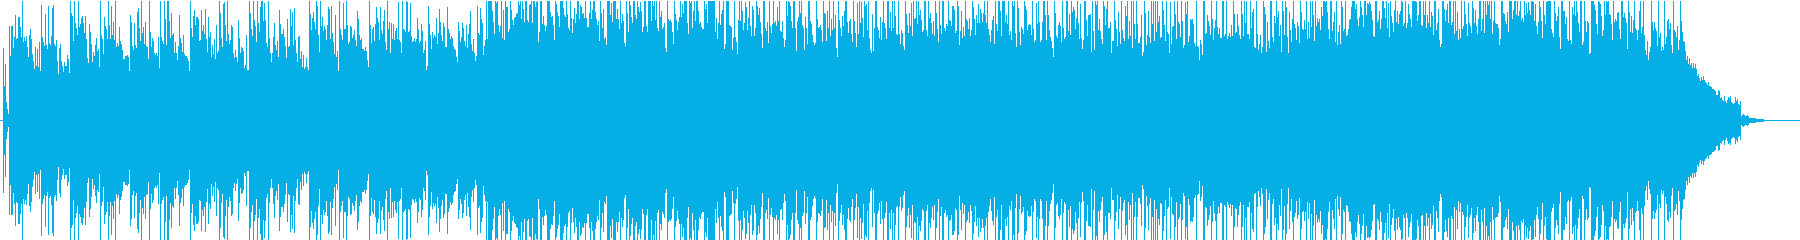 エンニオモリコーネ風の感傷的なオリジナルの再生済みの波形